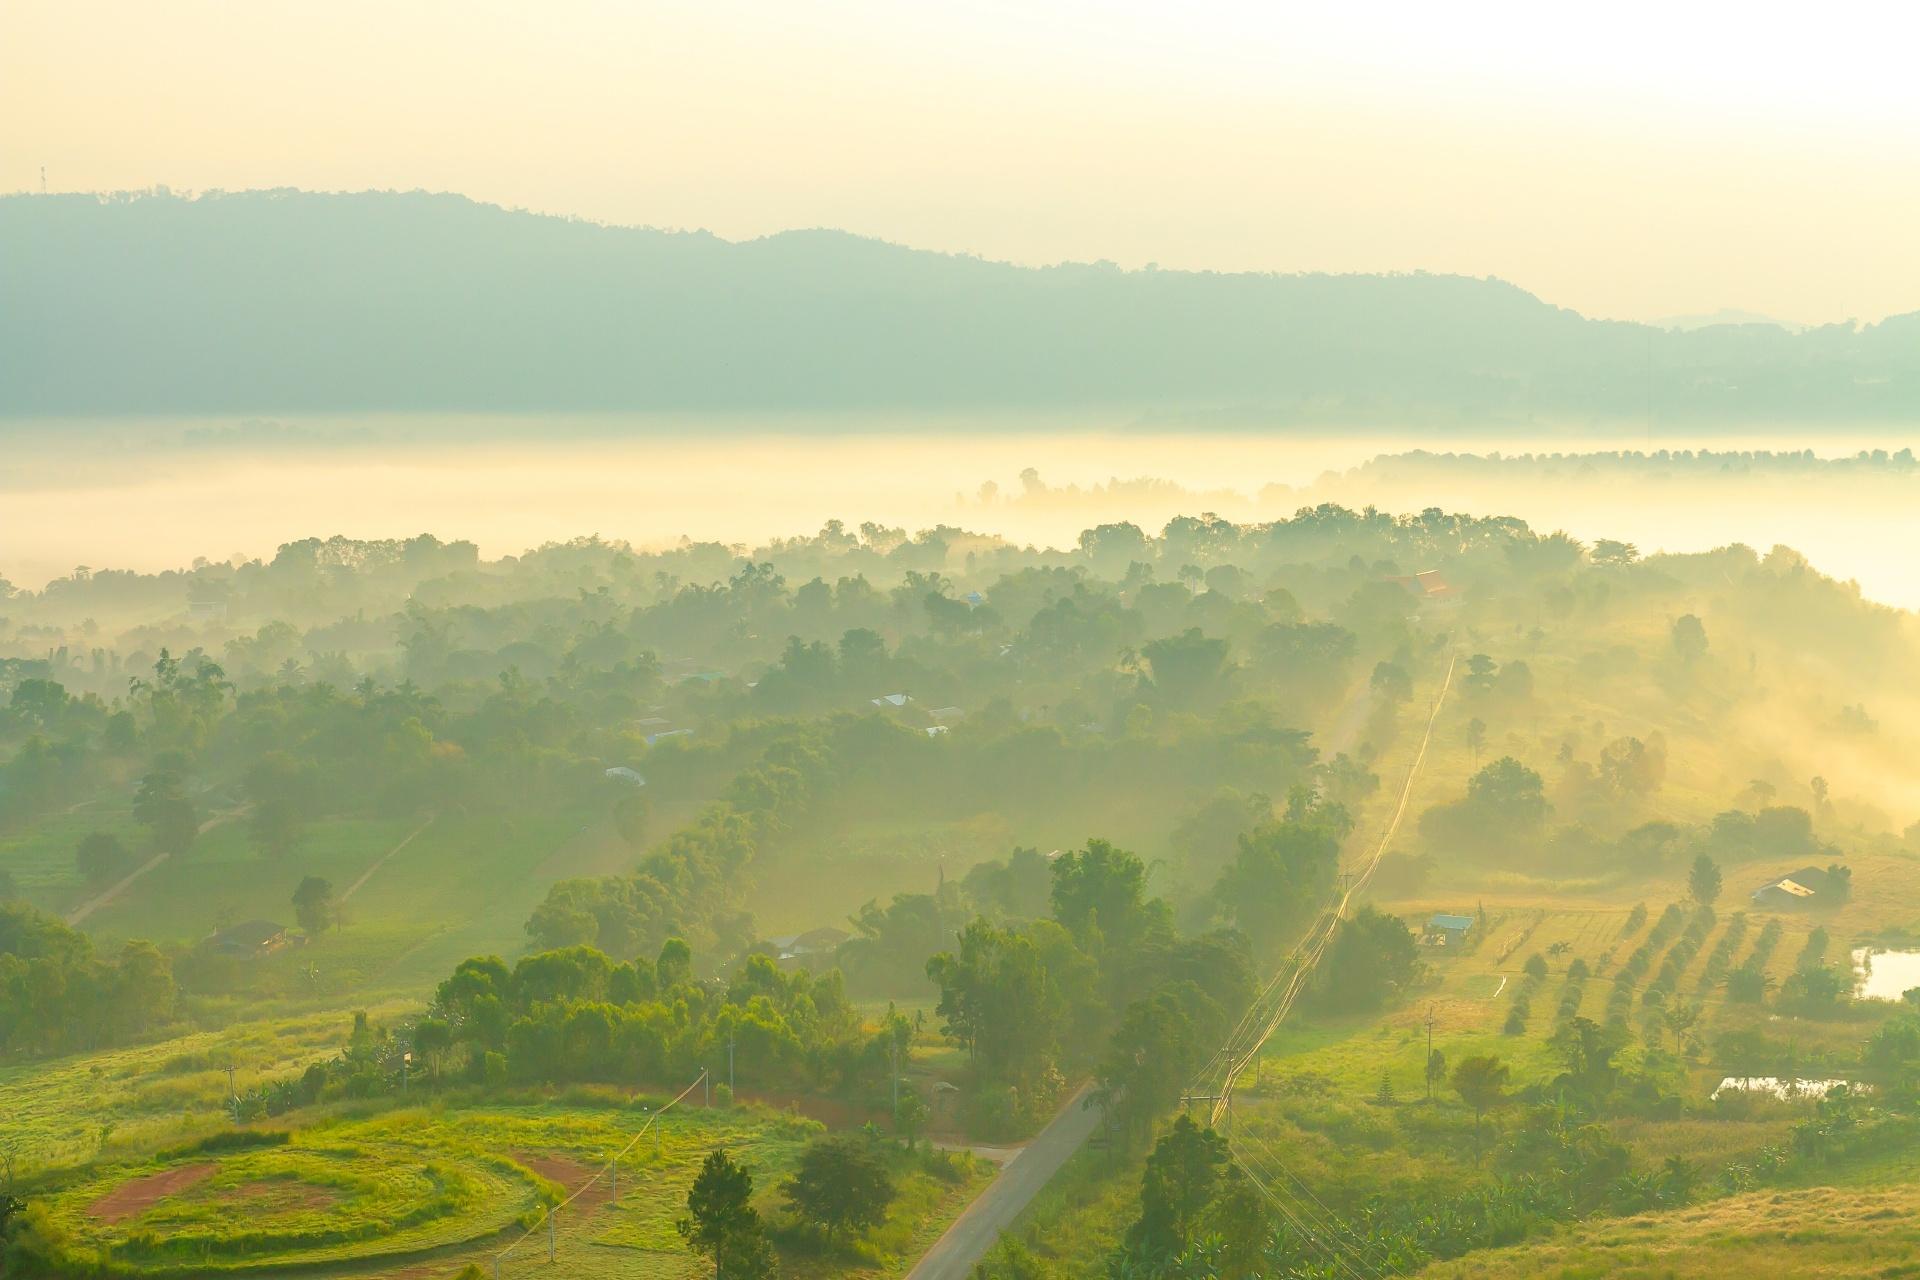 ペッチャブーン カオコーの霧の朝の風景 タイの風景